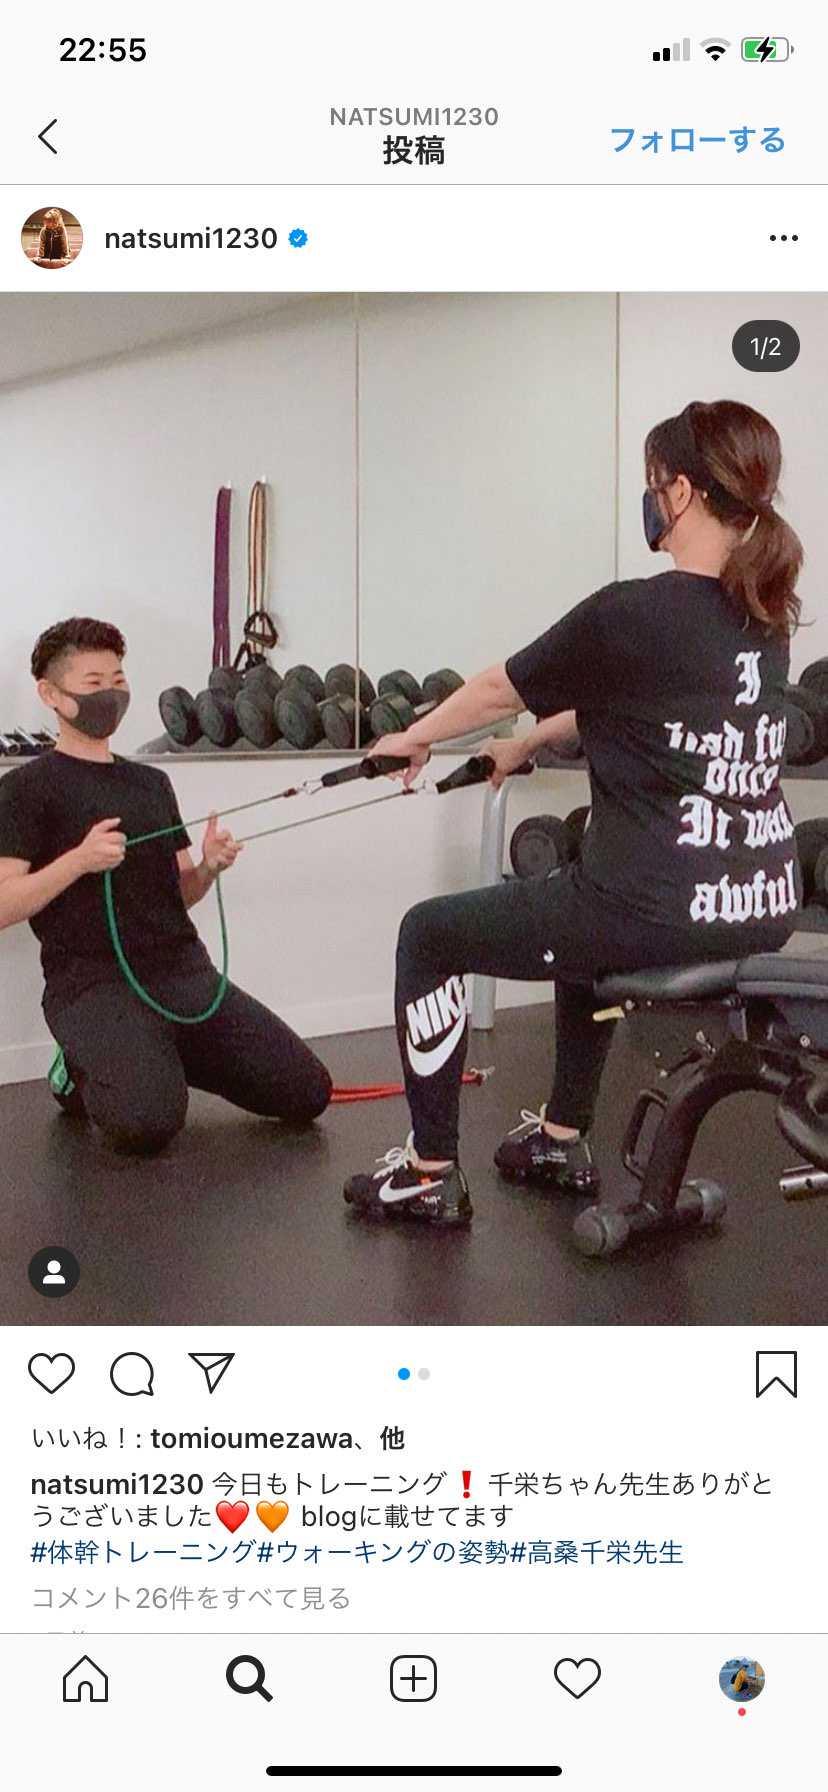 小川菜摘、トレーニングになんちゅう靴を履いてるの...